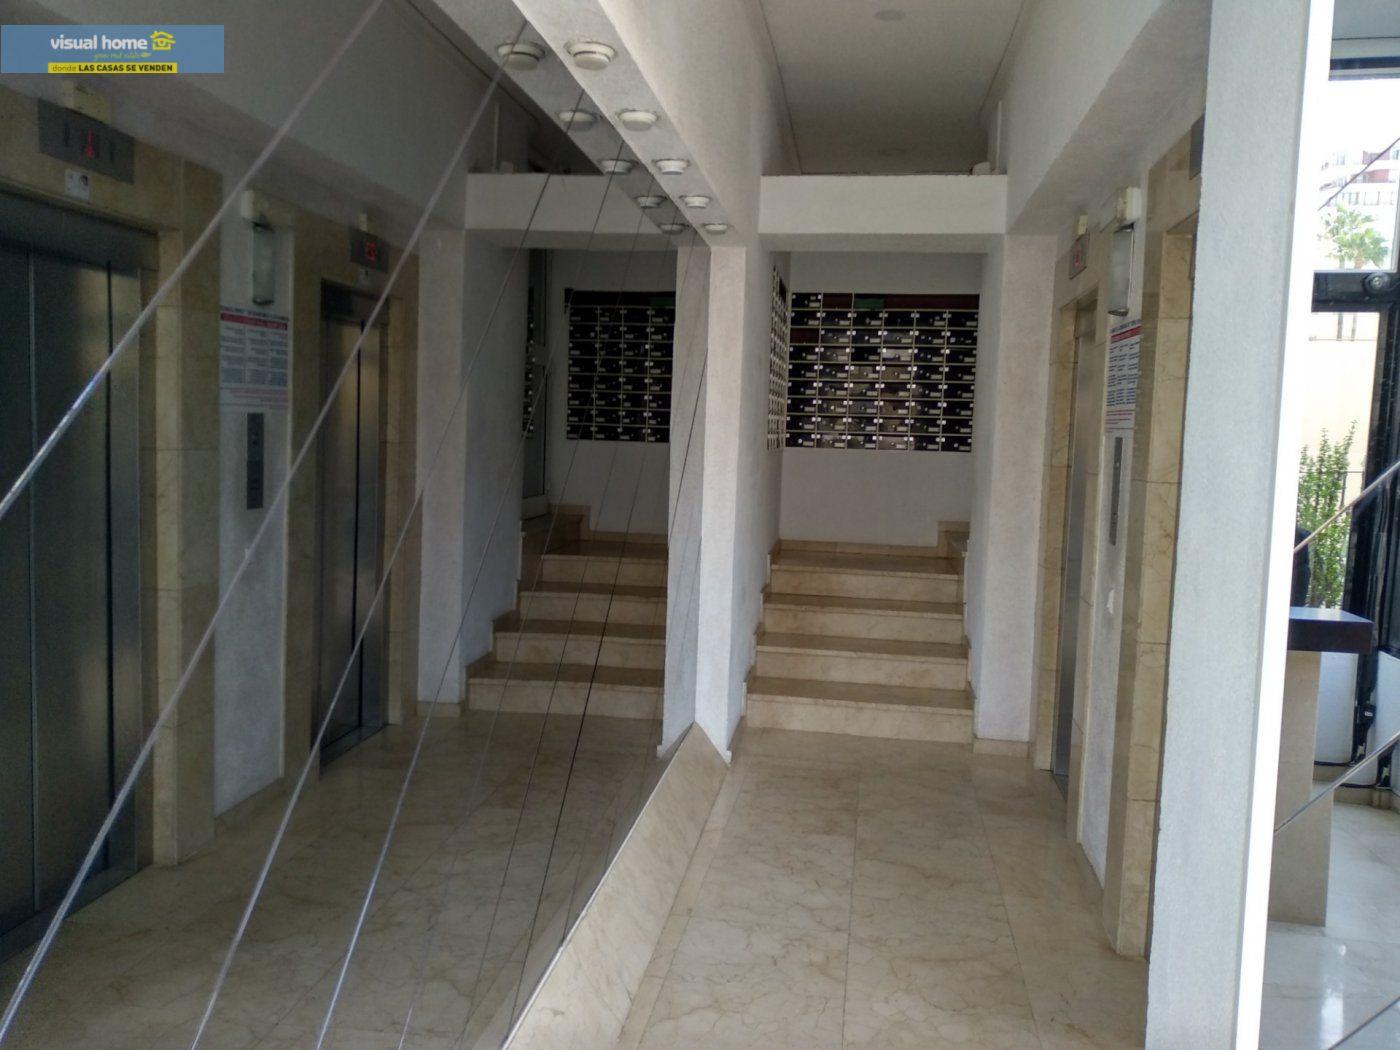 Apartamento de 1 dormitorio con espectaculares vistas  en 1ª linea de playa con parking y piscina 33